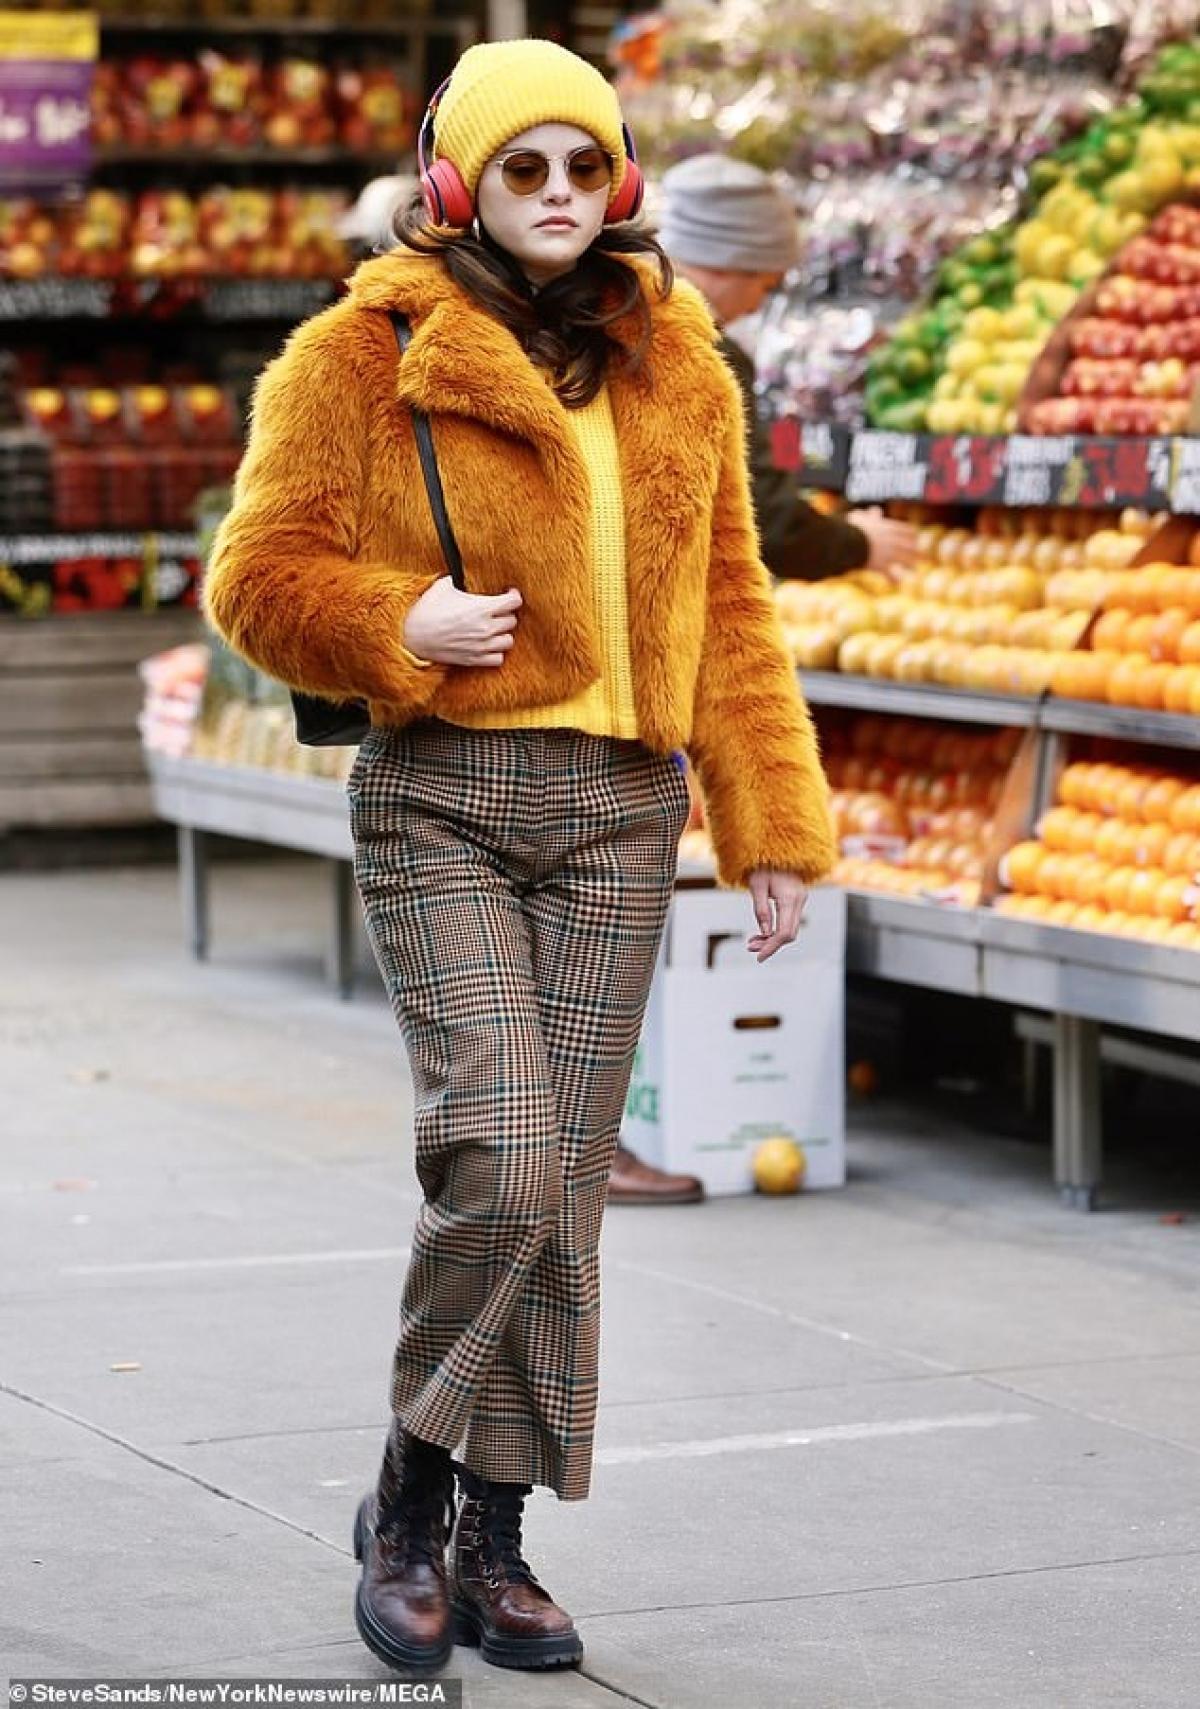 Trong phim, Selena Gomez đóng vai người lạ thứ ba cùng với Steve Martin và Martin Short./.